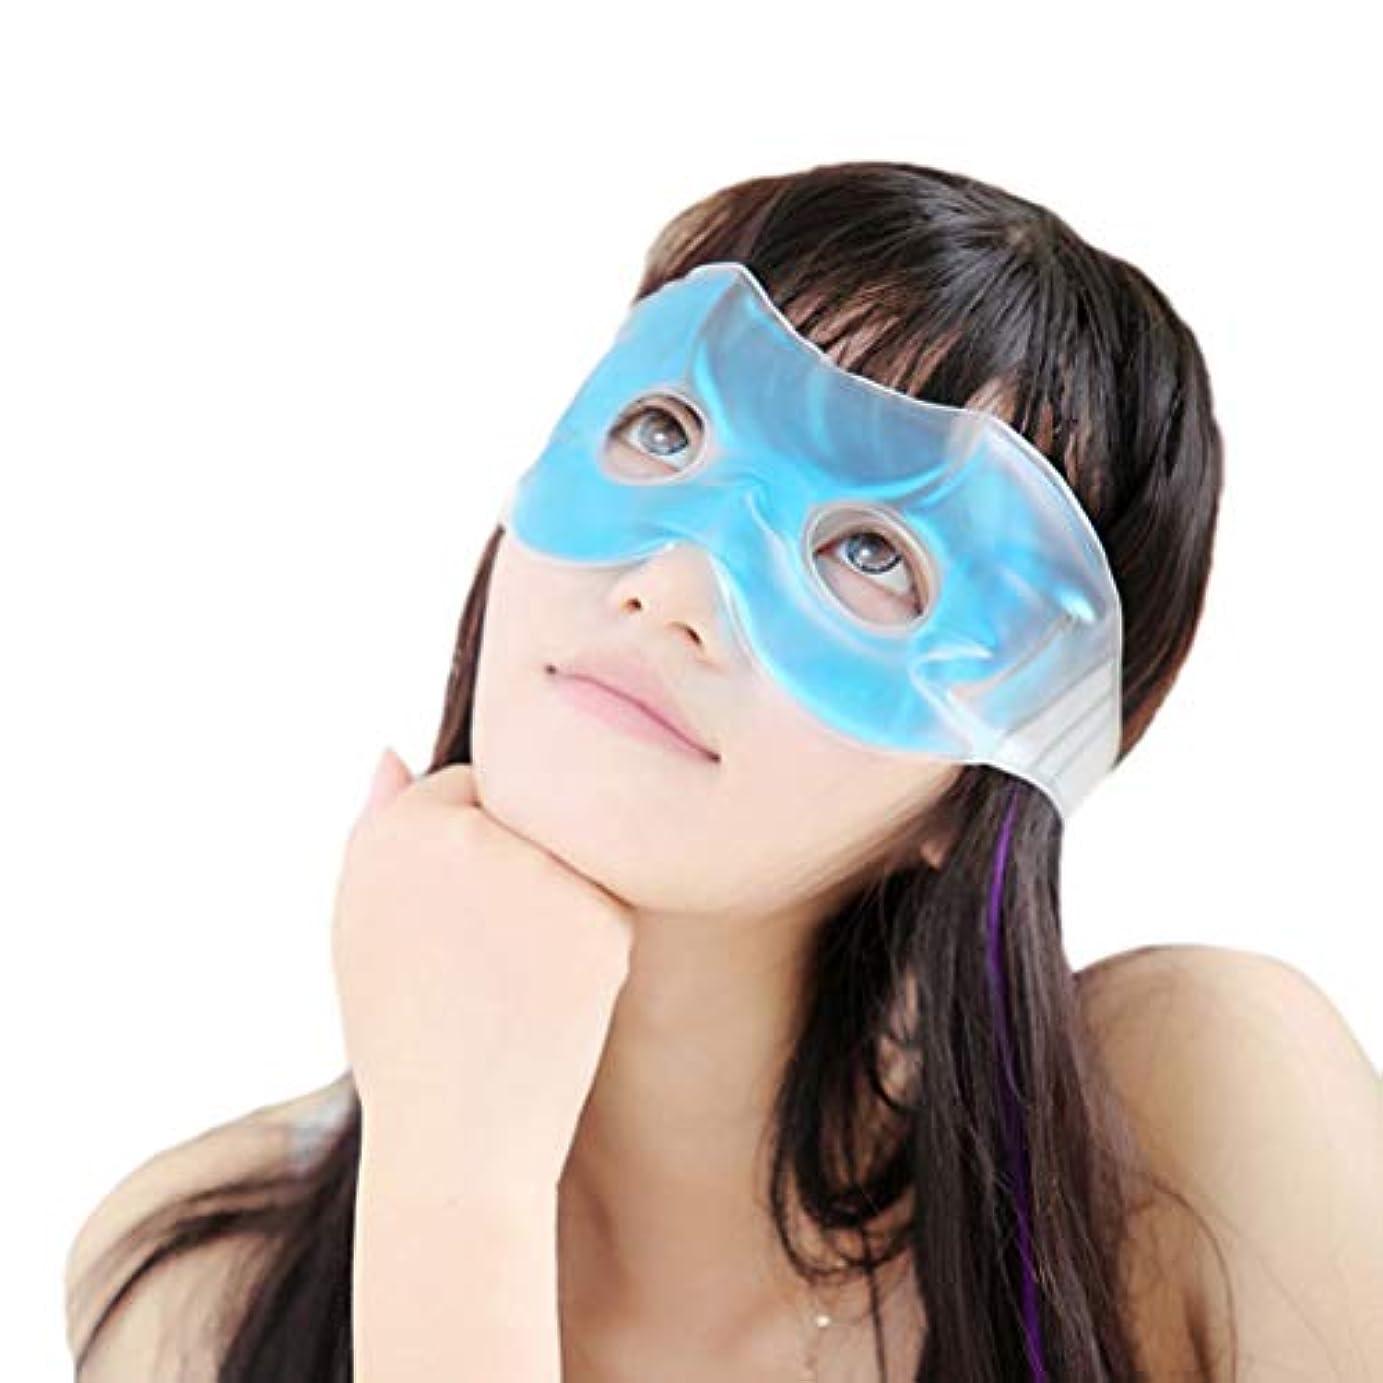 失態オゾン彫刻Healifty アイマスク ゲル アイスパッド アイスアイマスク 目隠し リラックス 冷却 パック 再使用可能 目の疲れ軽減 安眠 血行促進